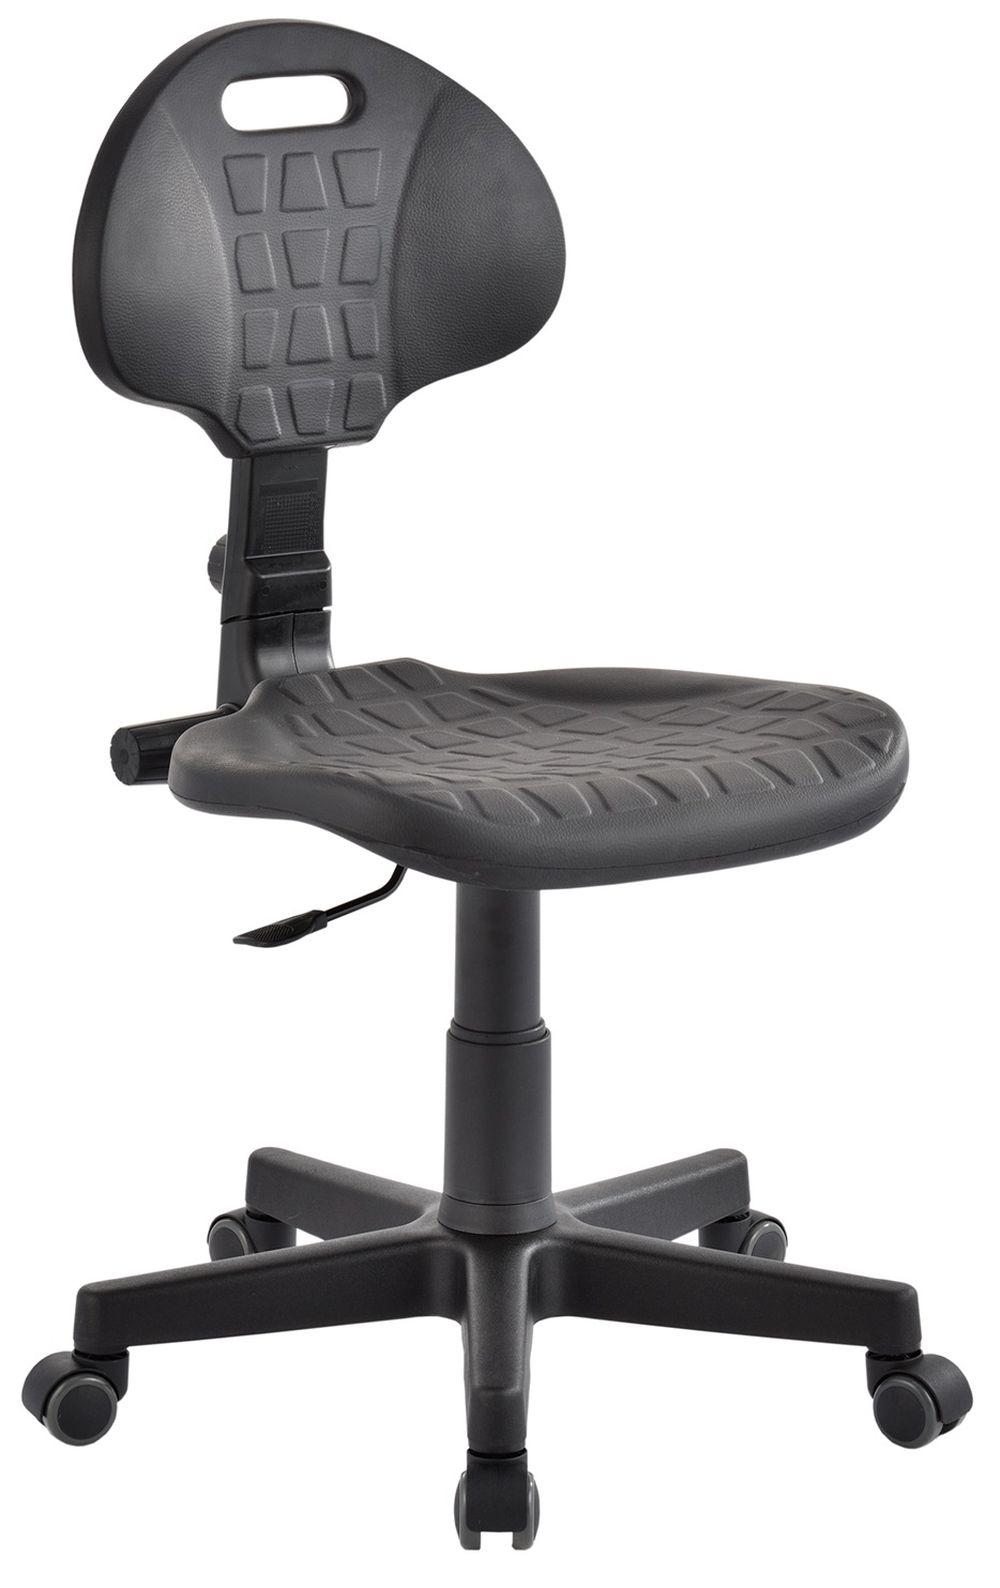 krzesło laboratoryjne specjalistyczne obrotowe